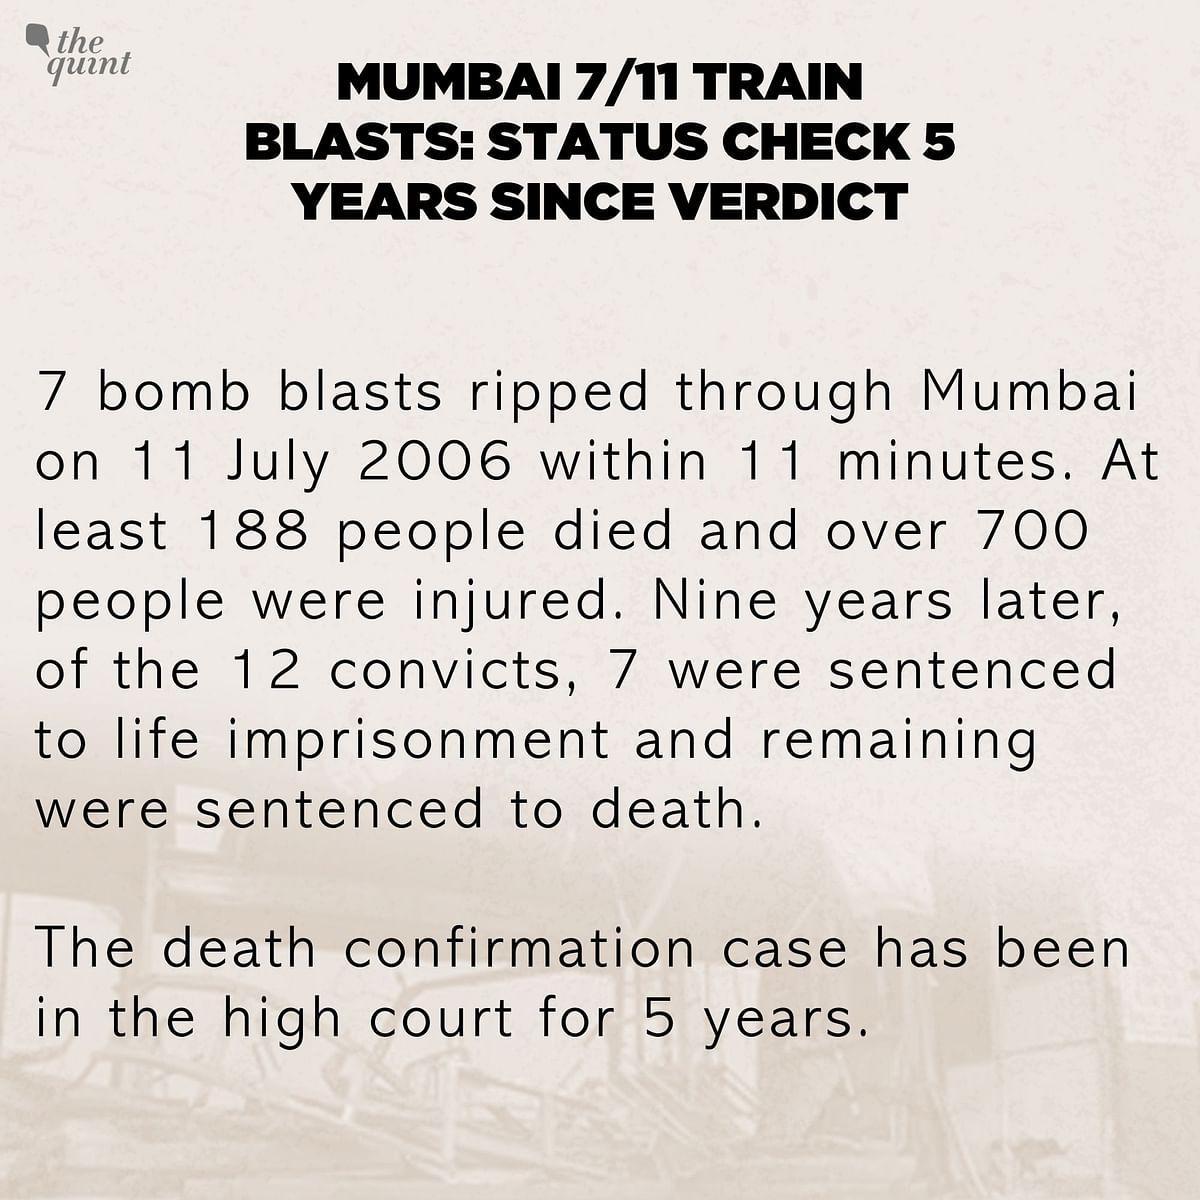 Mumbai 7/11 Train Blasts: Status Check, Five Years After Verdict